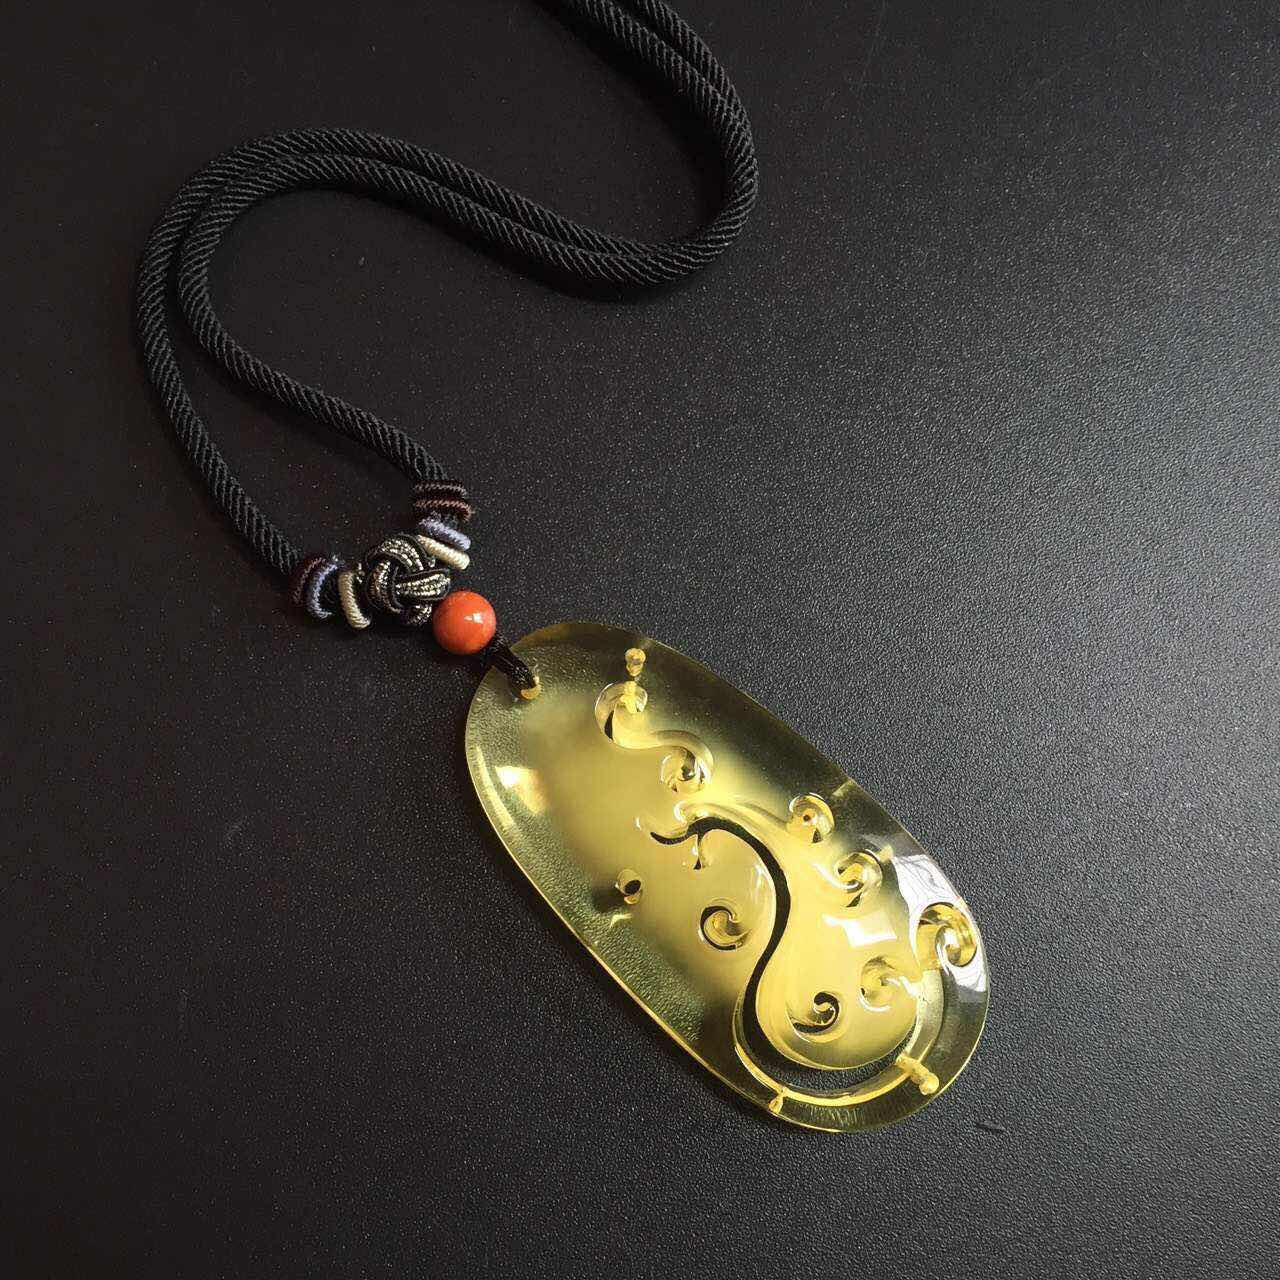 这是第5张天然翡翠玉石,和田玉,琥珀蜜蜡厂家招代理的货源图片